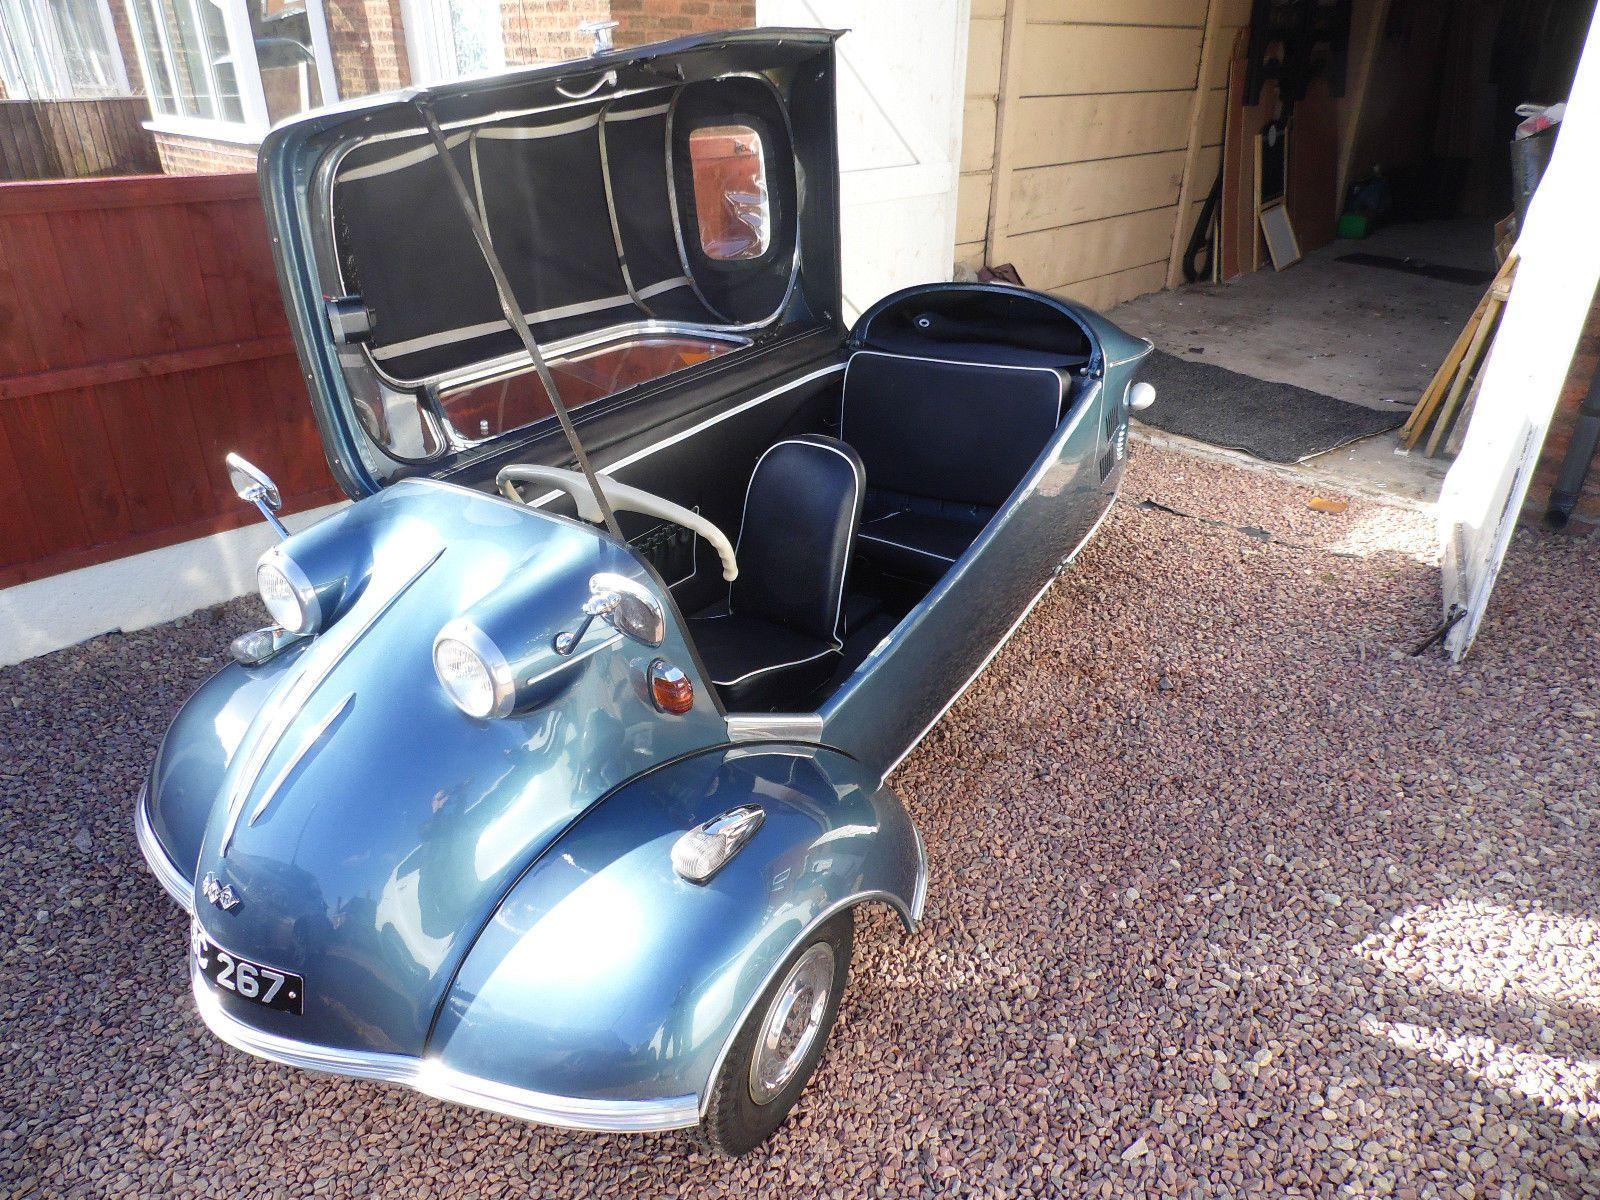 1961 Messerschmitt KR200 cabriolet - Micro car Bubble car | eBay ...